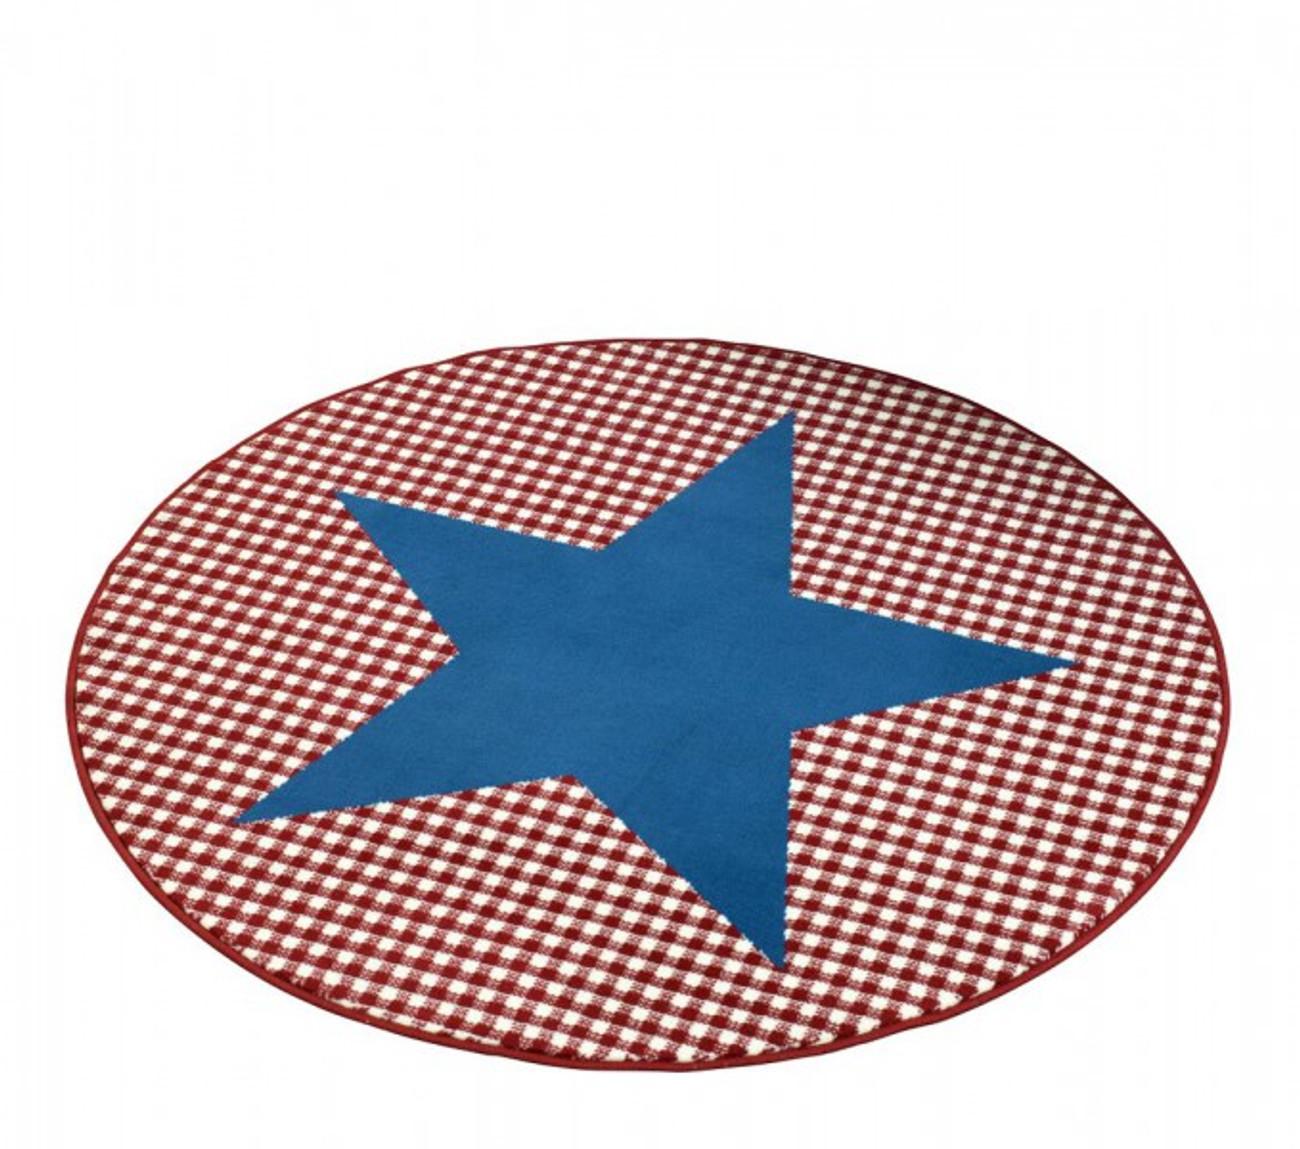 Teppich design rund  Design Velours Teppich Stern Karo rund Blau rot 140 cm | 102320 ...